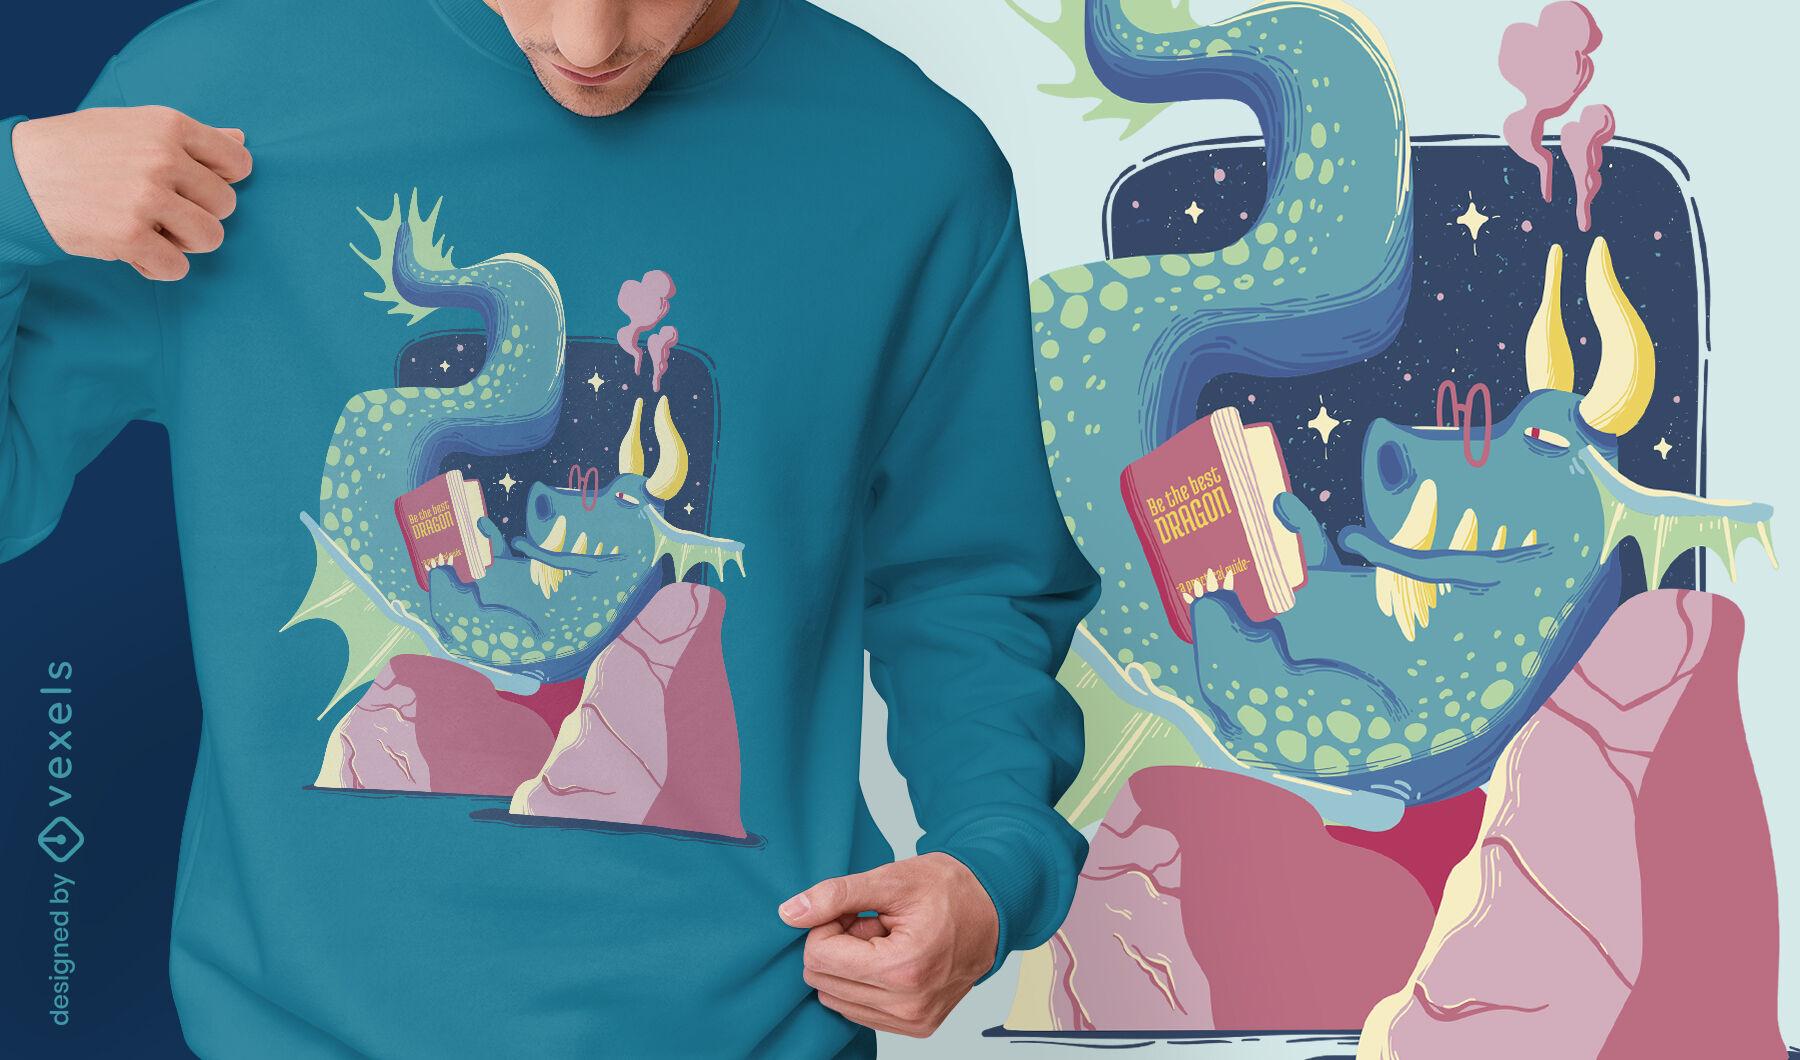 Dise?o de camiseta de lectura de drag?n de cuento de hadas.